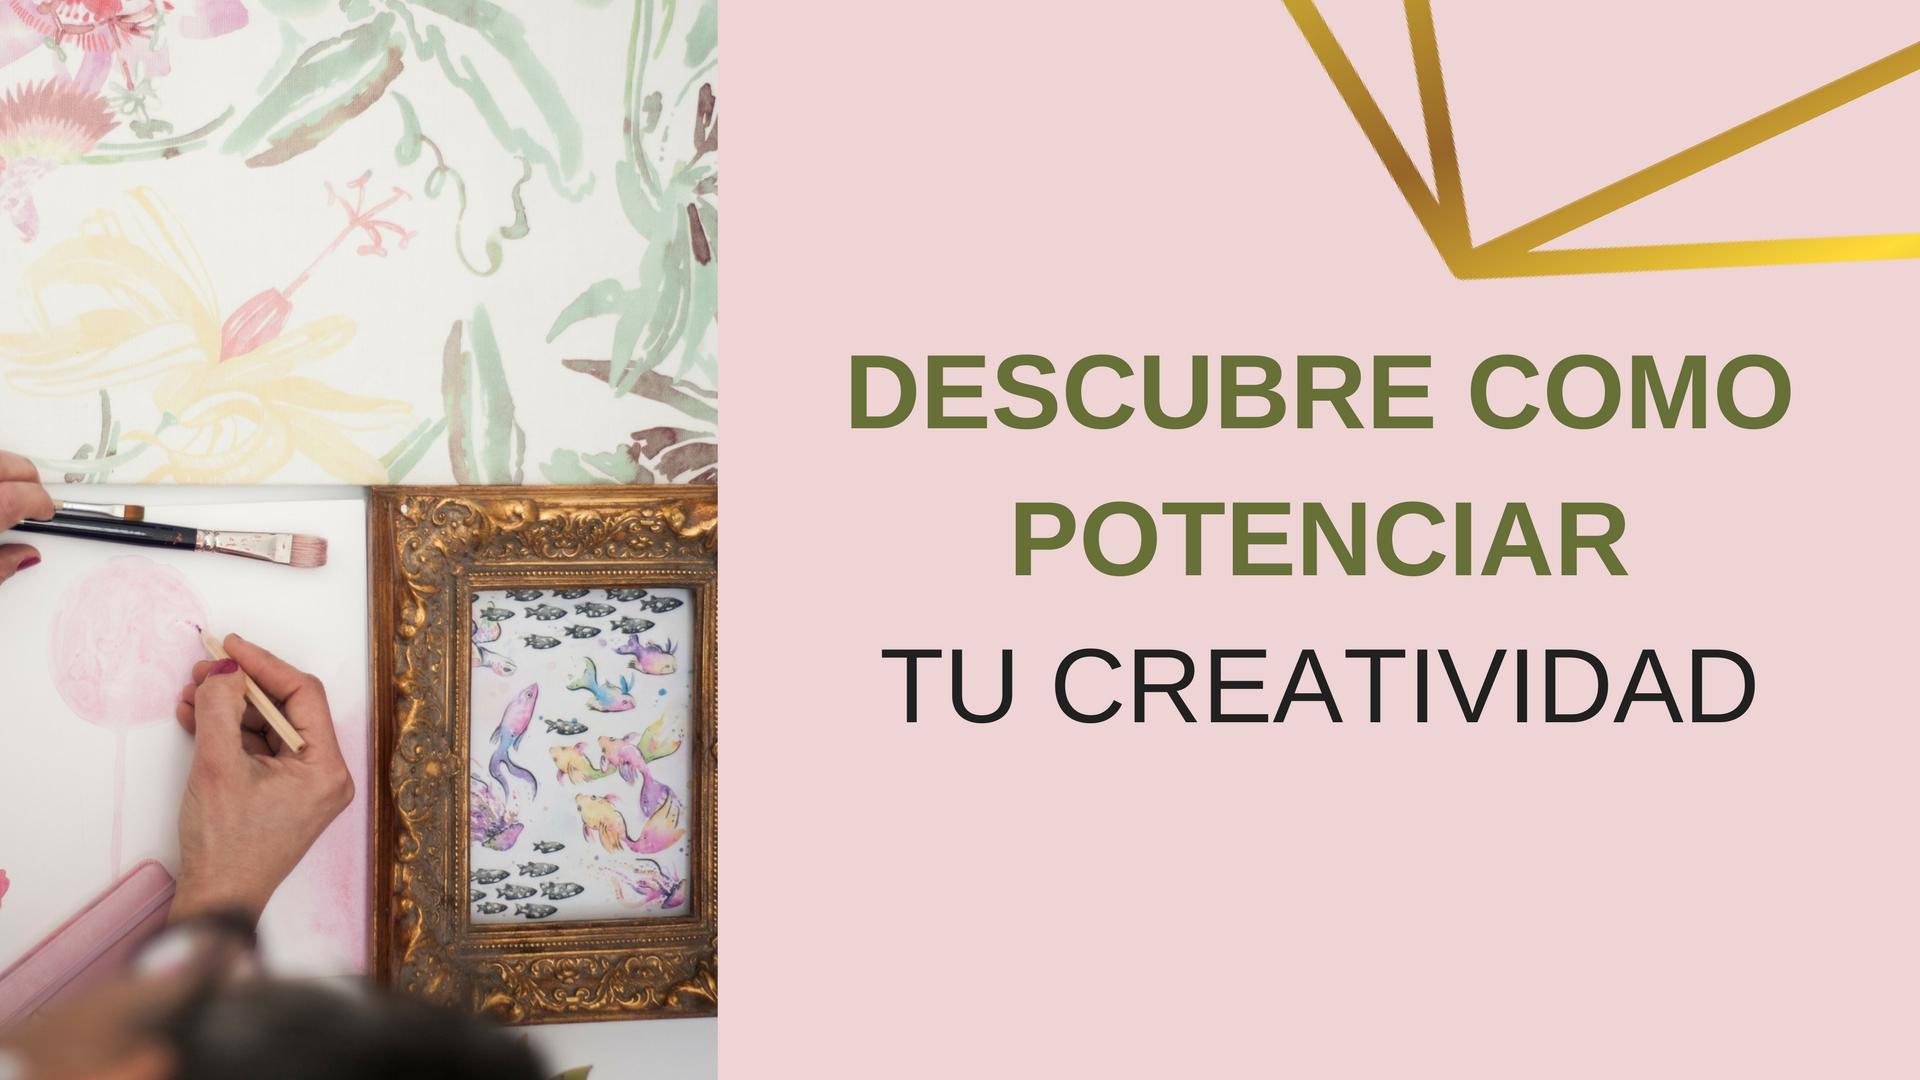 En este momento estás viendo Descubre como potenciar tu creatividad